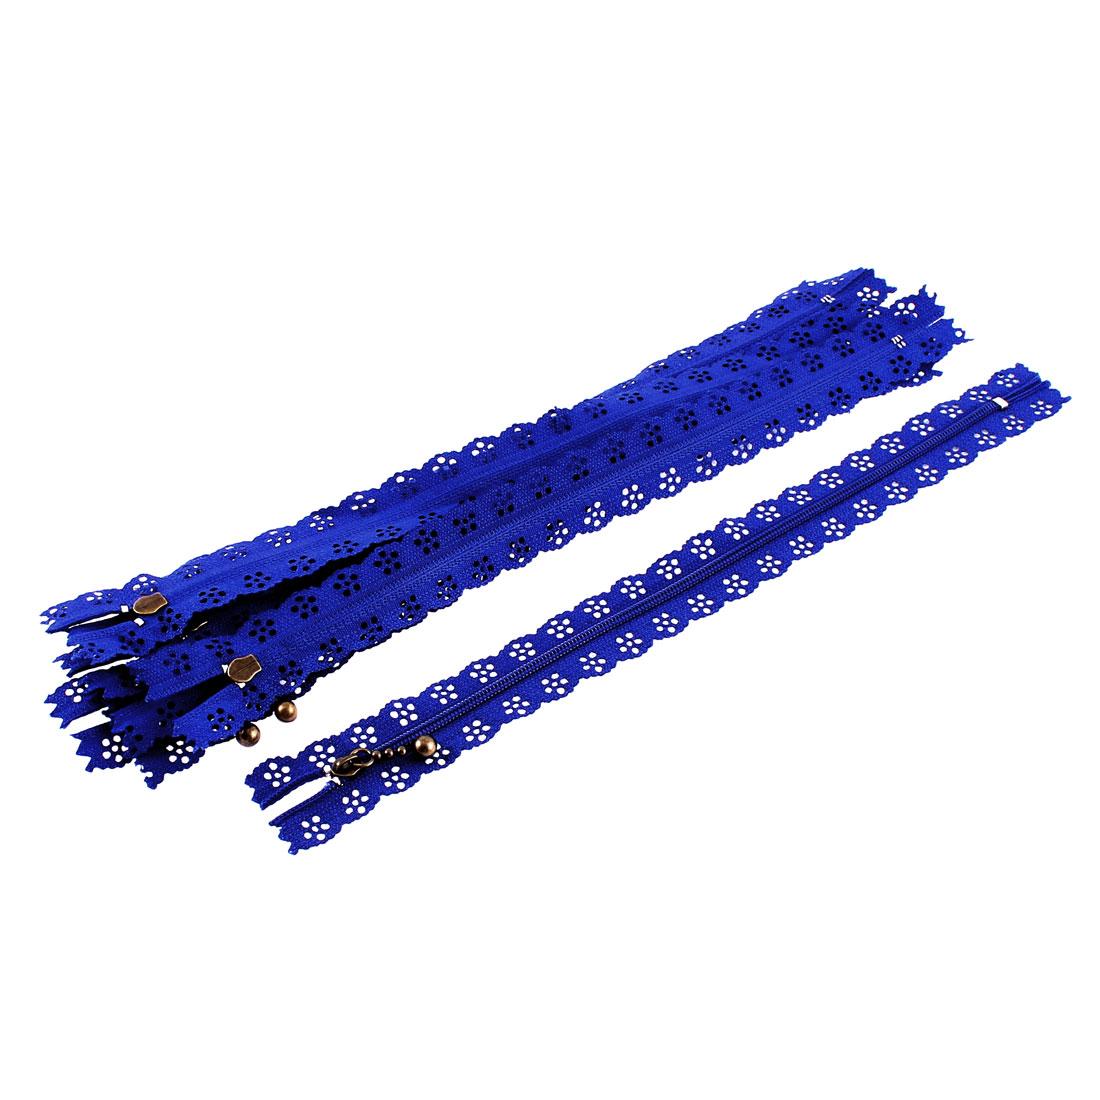 10 Pcs Blue Lace Edged Zip Closed End Zipper 30cm Long